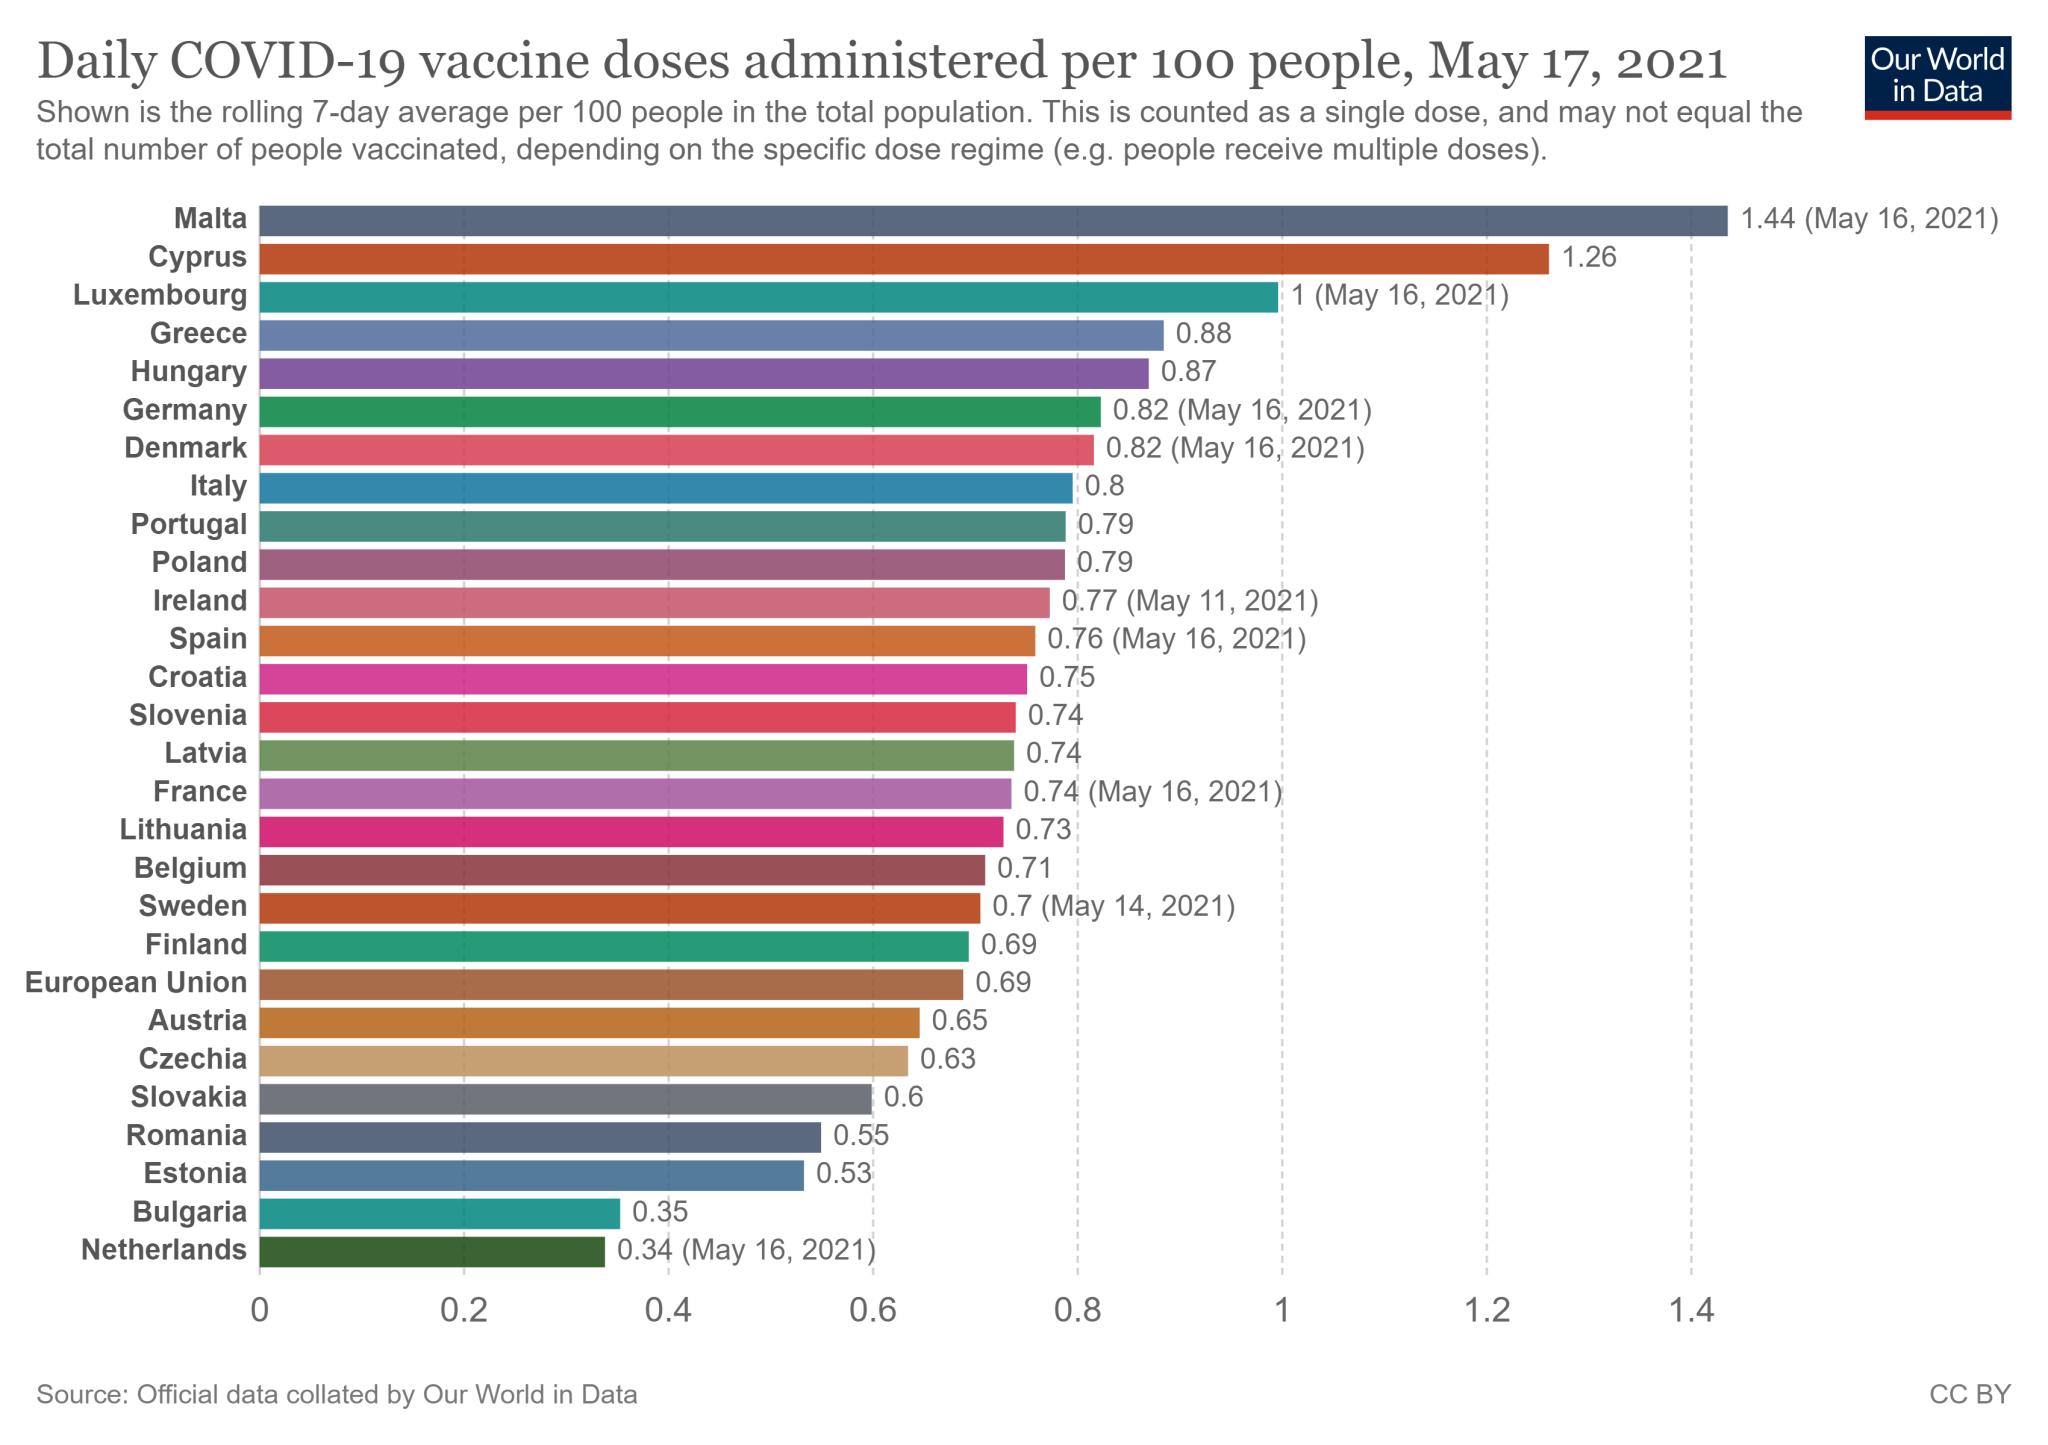 Tygodniowa średnia krocząca wskaźnika zaszczepienia w 27 państwach Unii Europejskiej - stan na 17 maja 2021